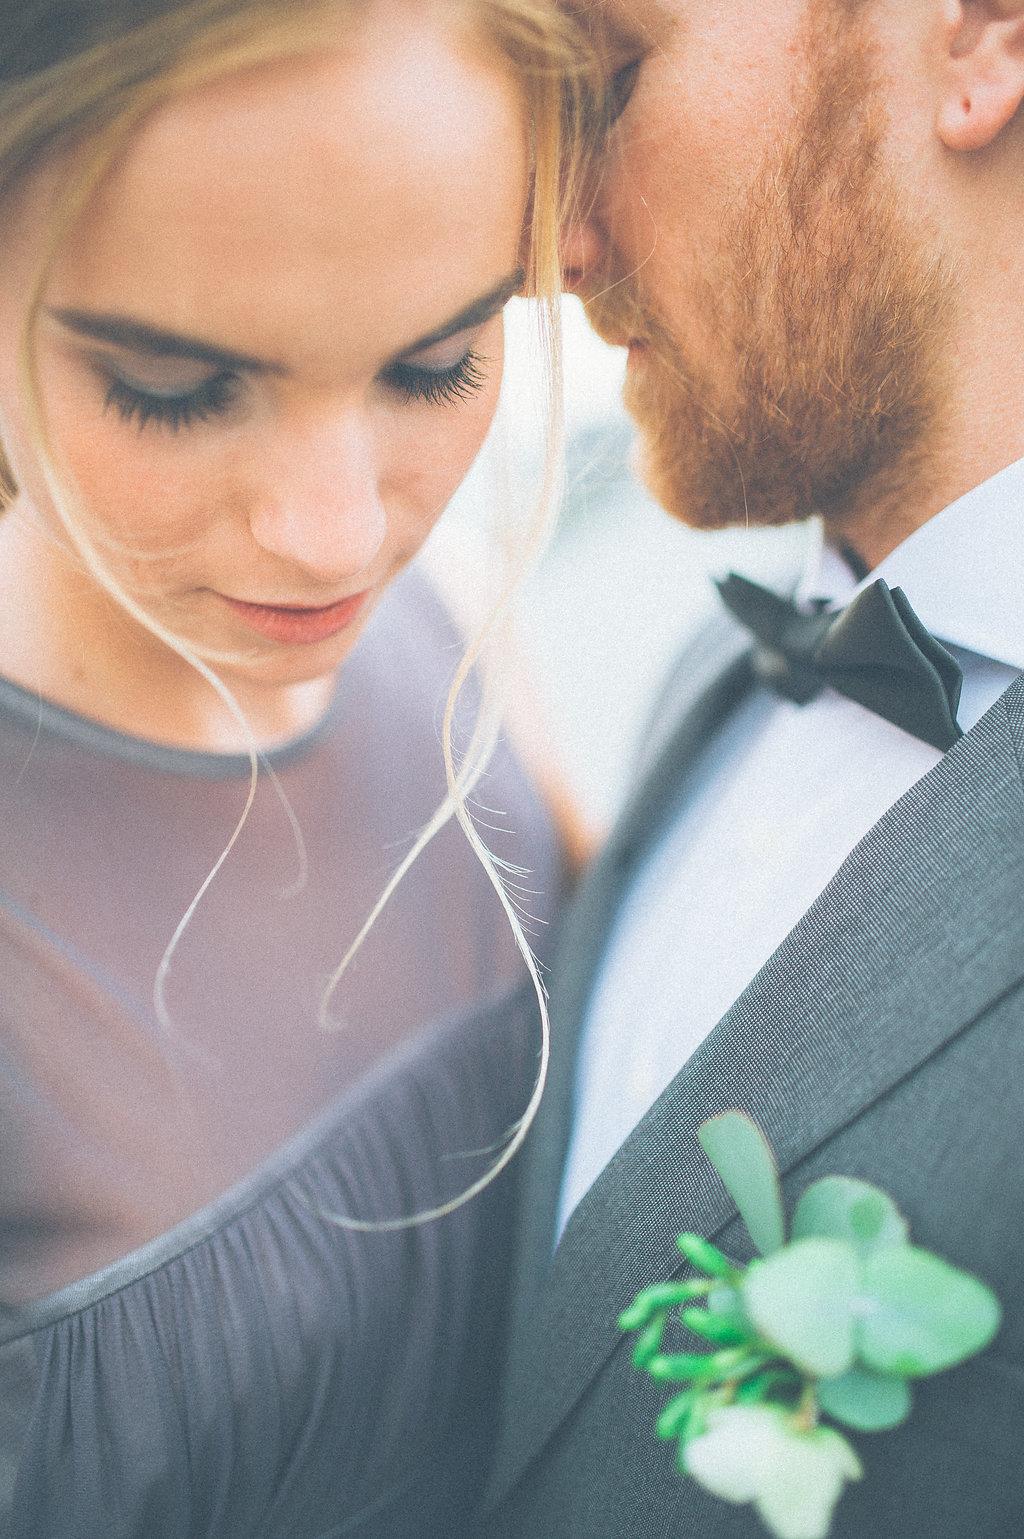 hochzeitsdekoration, München, kolbermoor, alte Spinnerei, Brautstrauß, Hochzeit, Hochzeitsdeko, Wedding planer, Blumendeko, winter Hochzeit, bouquet